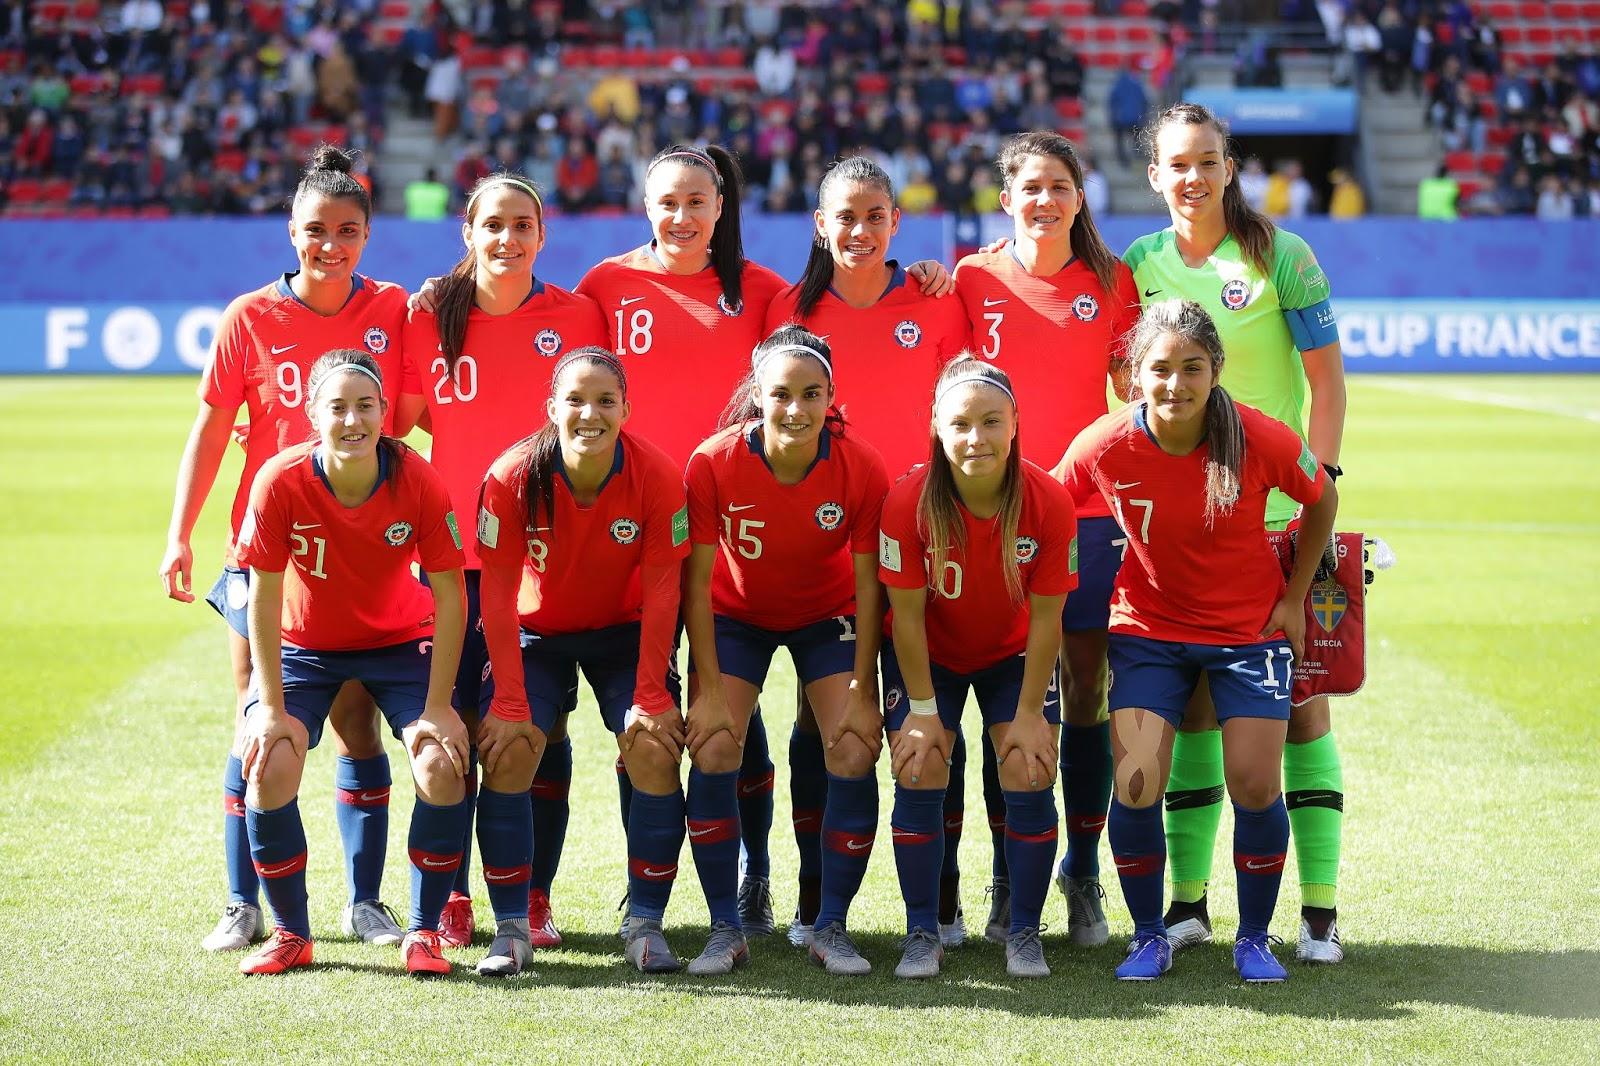 Formación de selección de Chile ante Suecia, Copa Mundial Femenina de Fútbol Francia 2019, 11 de junio